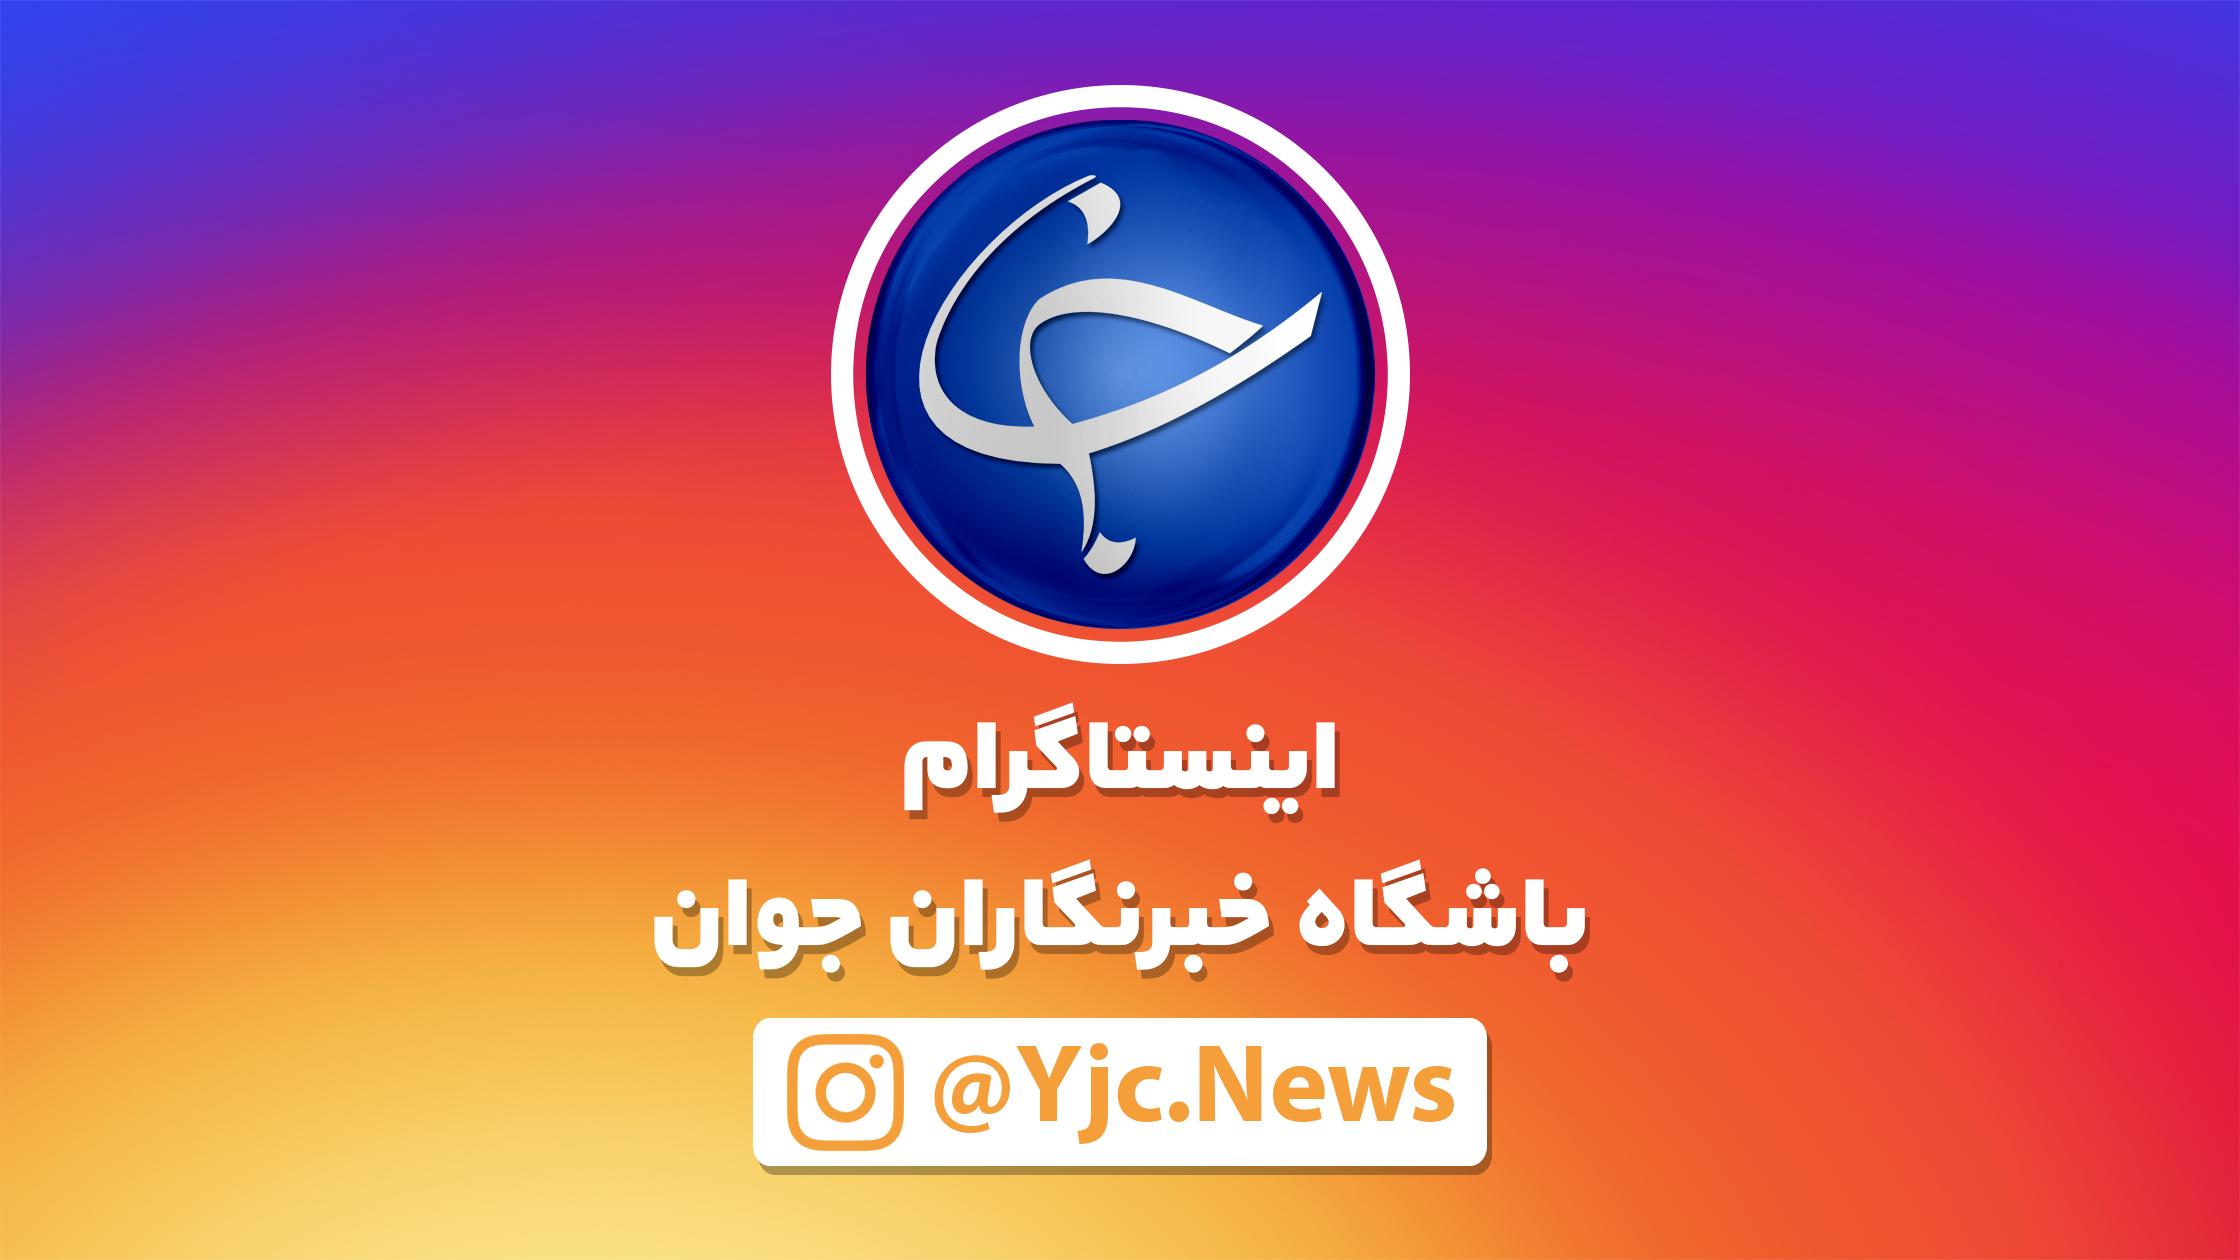 پخش زنده مناظره زاکانی و تاجزاده با موضوع بررسی وقایع سالهای ۷۸ و ۸۸